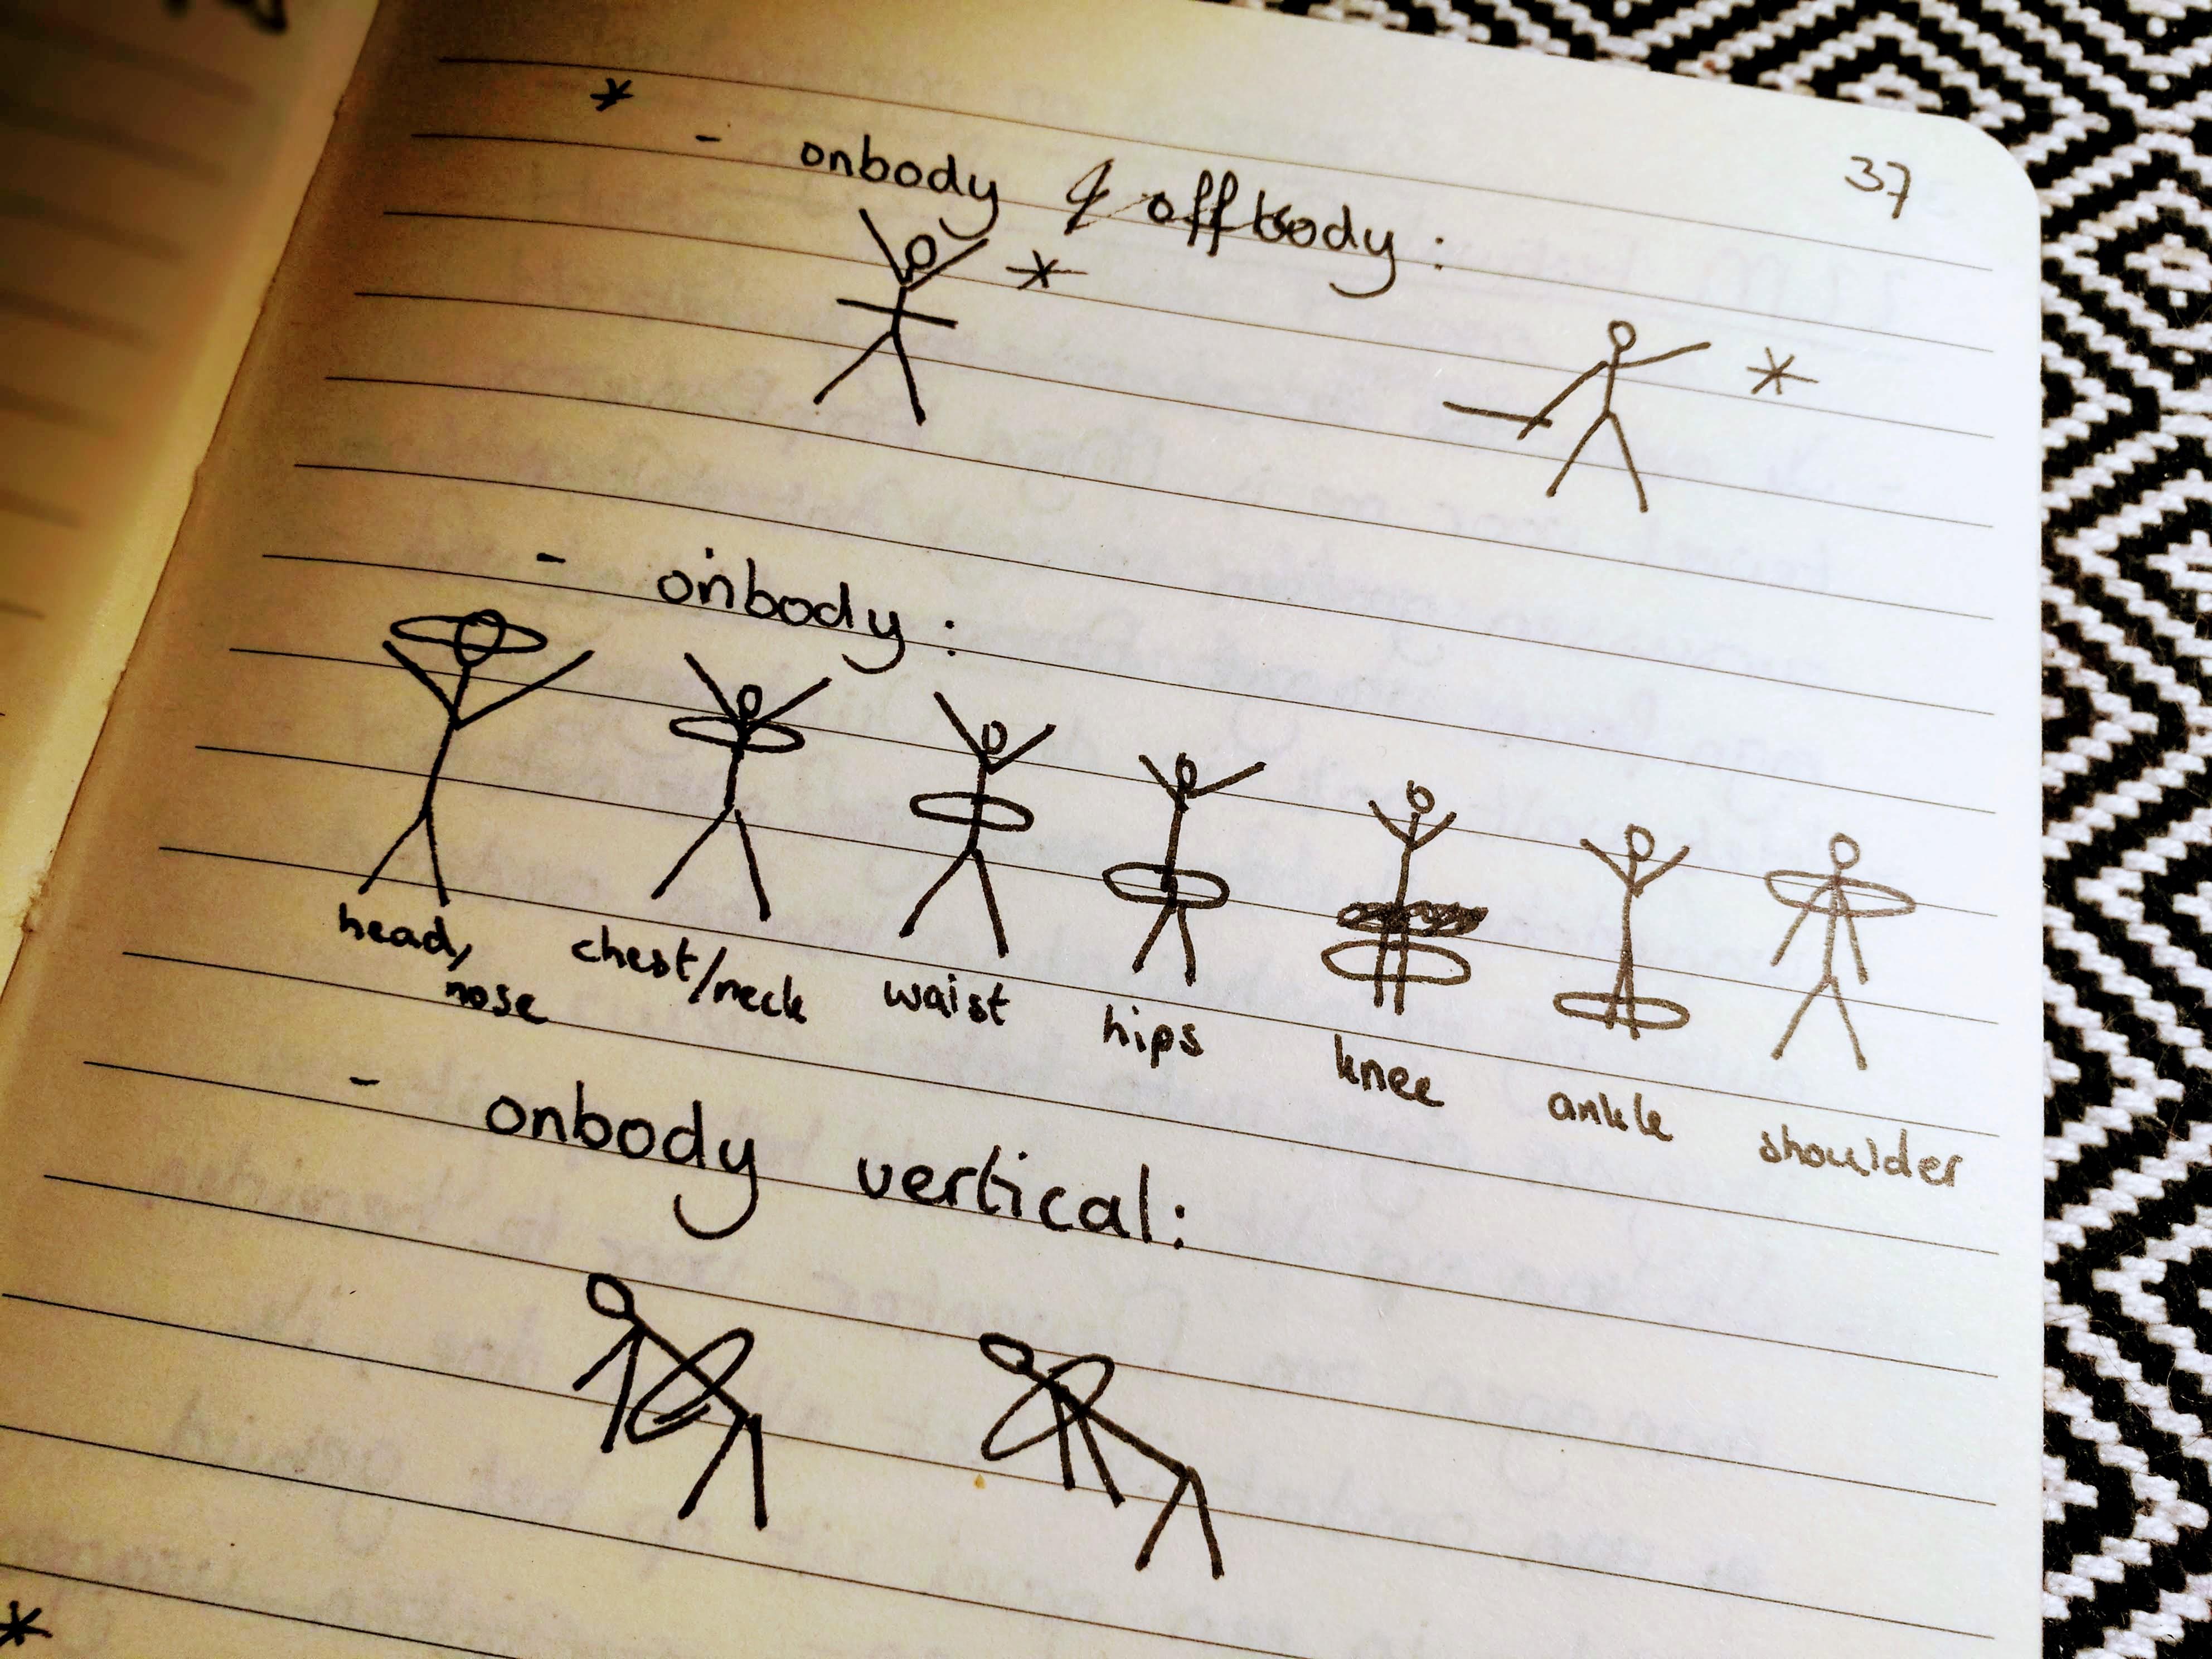 Hoe werkt hoopdance? Deel 2 van 4 uit de blogserie over hoopdance - De Hoepeljuf